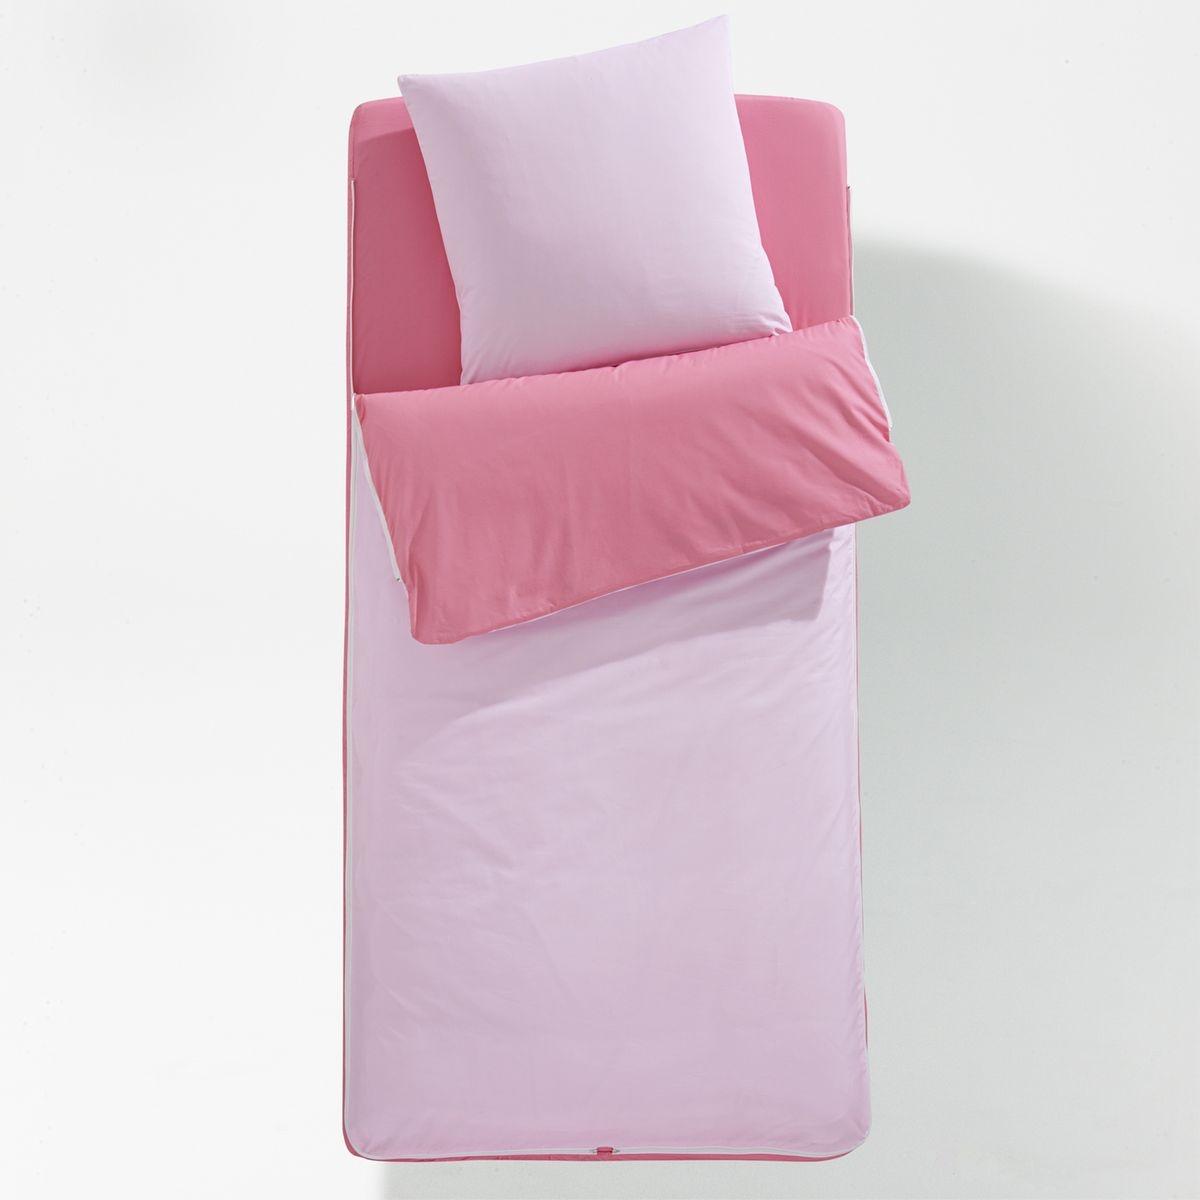 """Caradou sans couette """"prêt à dormir"""", bicolore"""